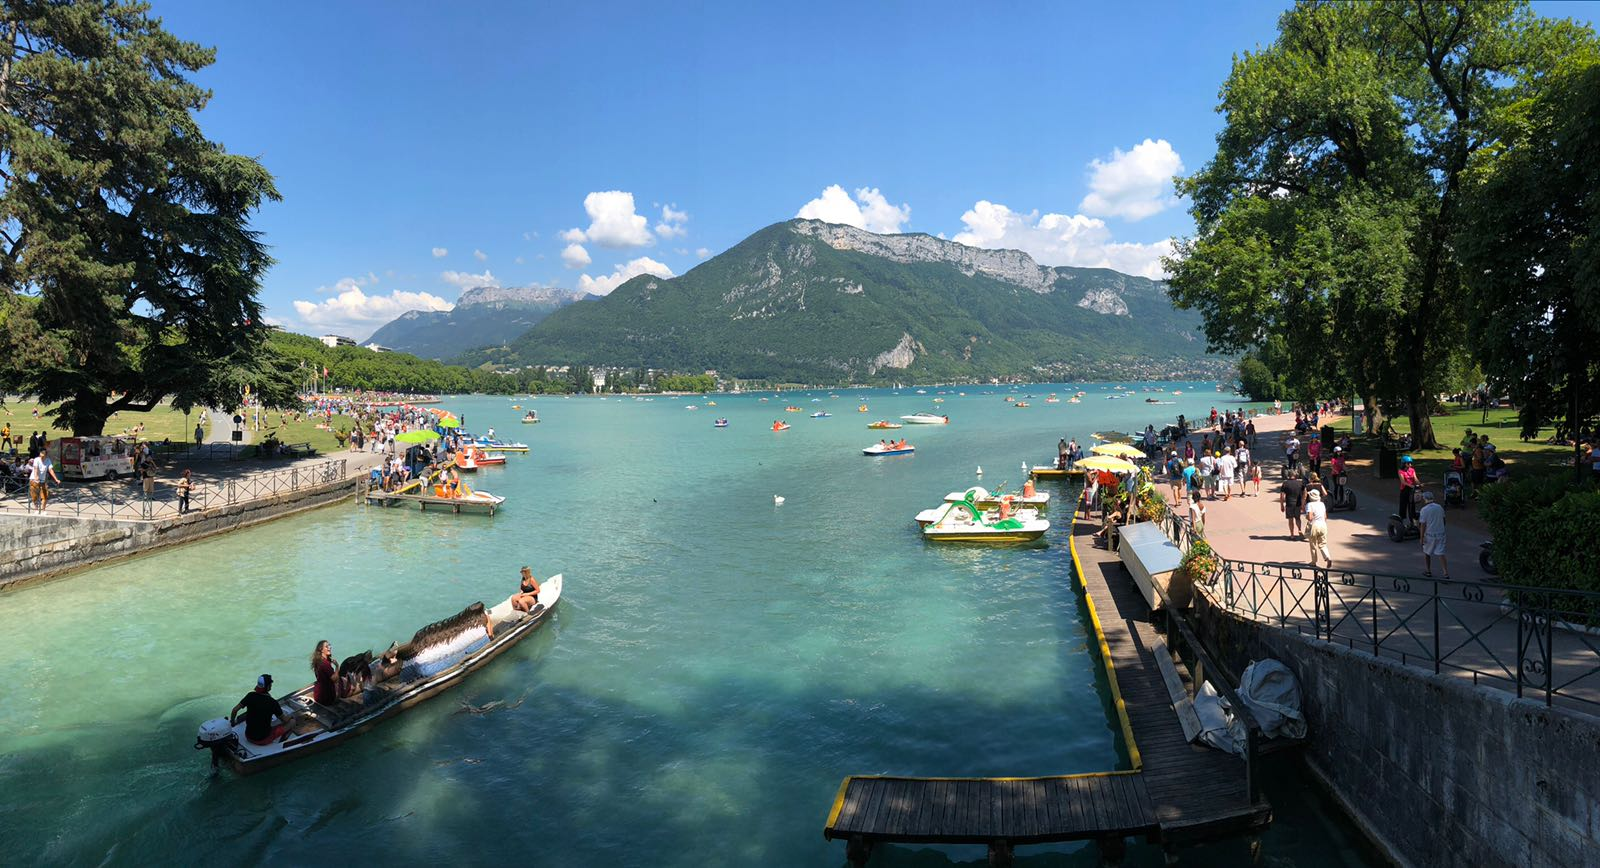 L'Etape du Tour 2018 am Lac d'Annecy: Vielleicht einfach lieber Schwimmen gehen?